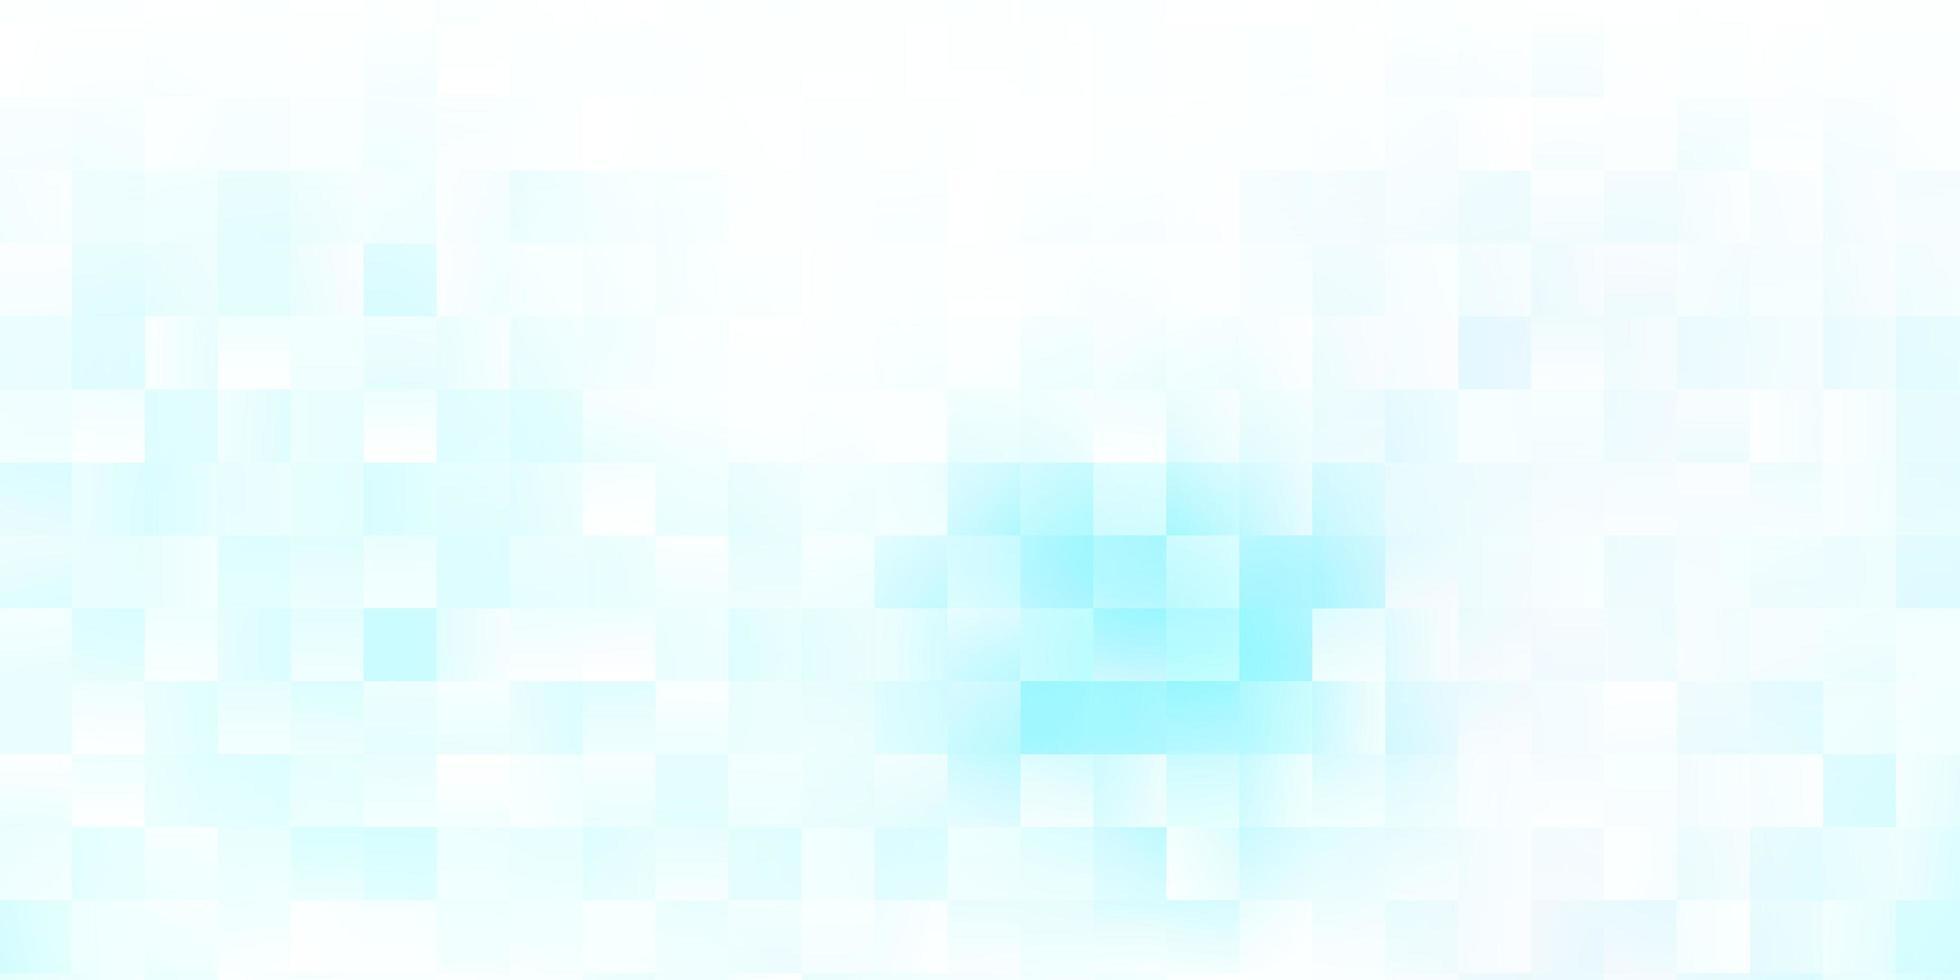 ljuslila vektormall med abstrakta former. vektor